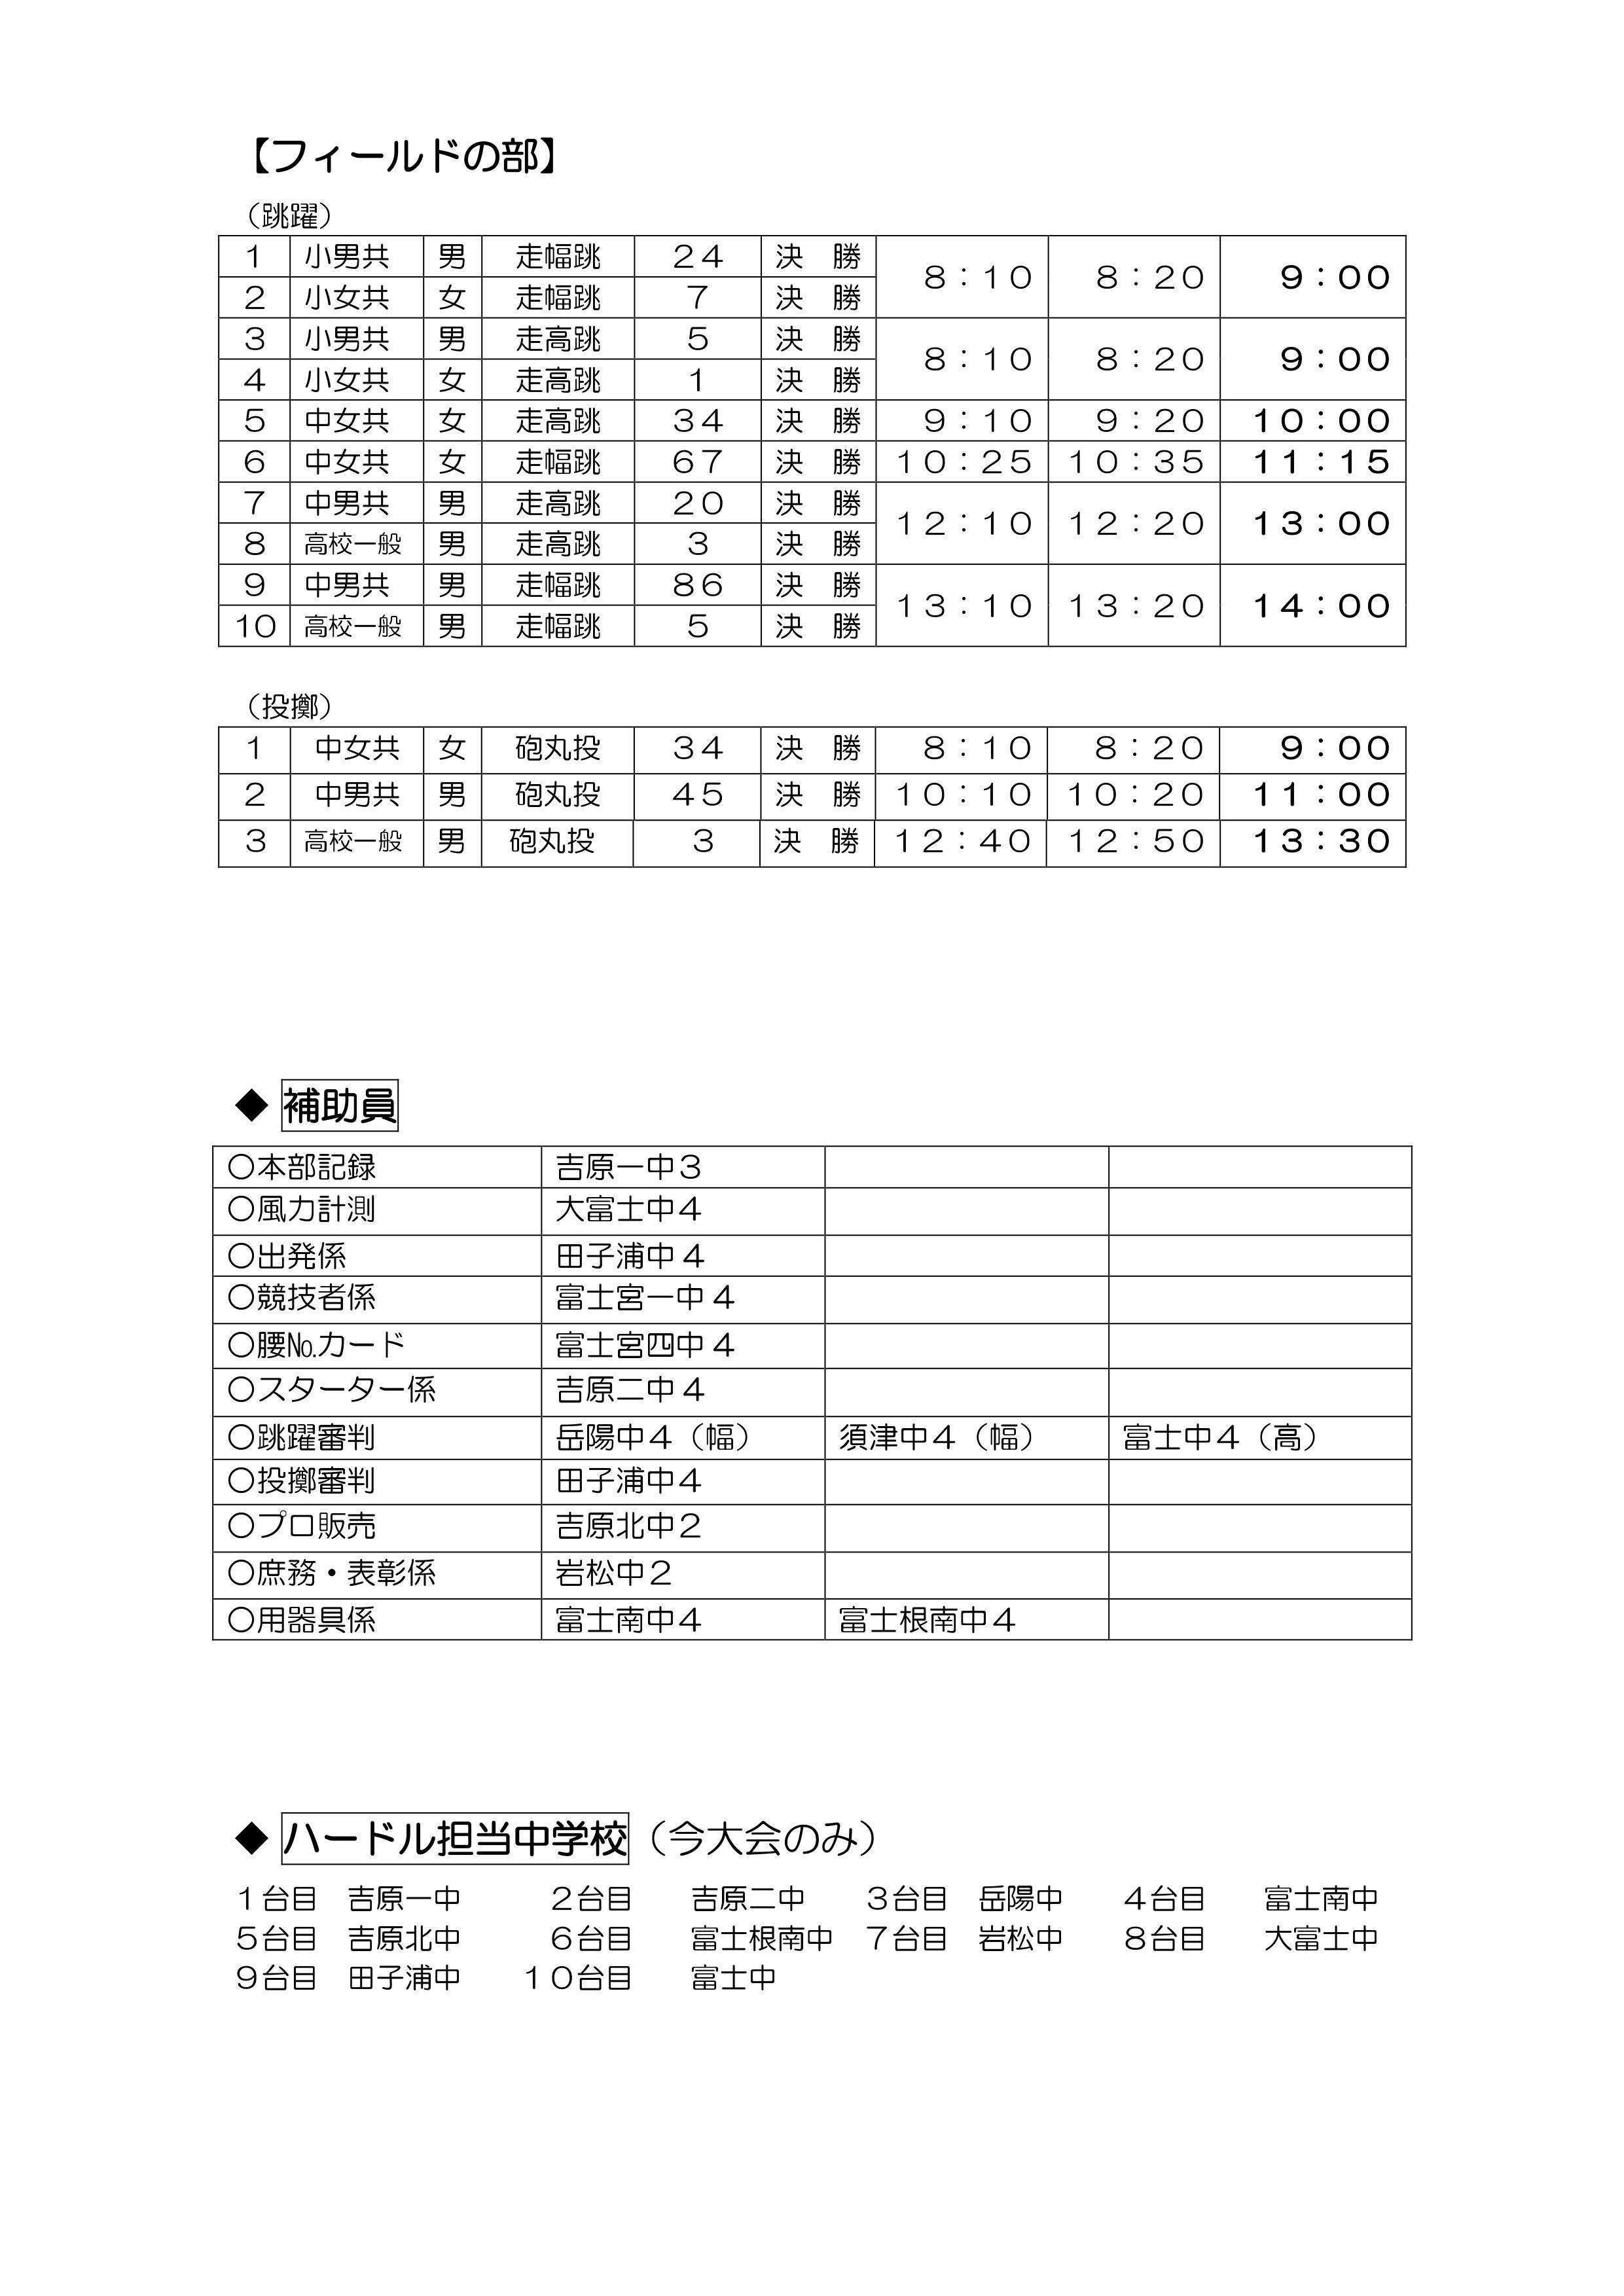 fujiTT1705202